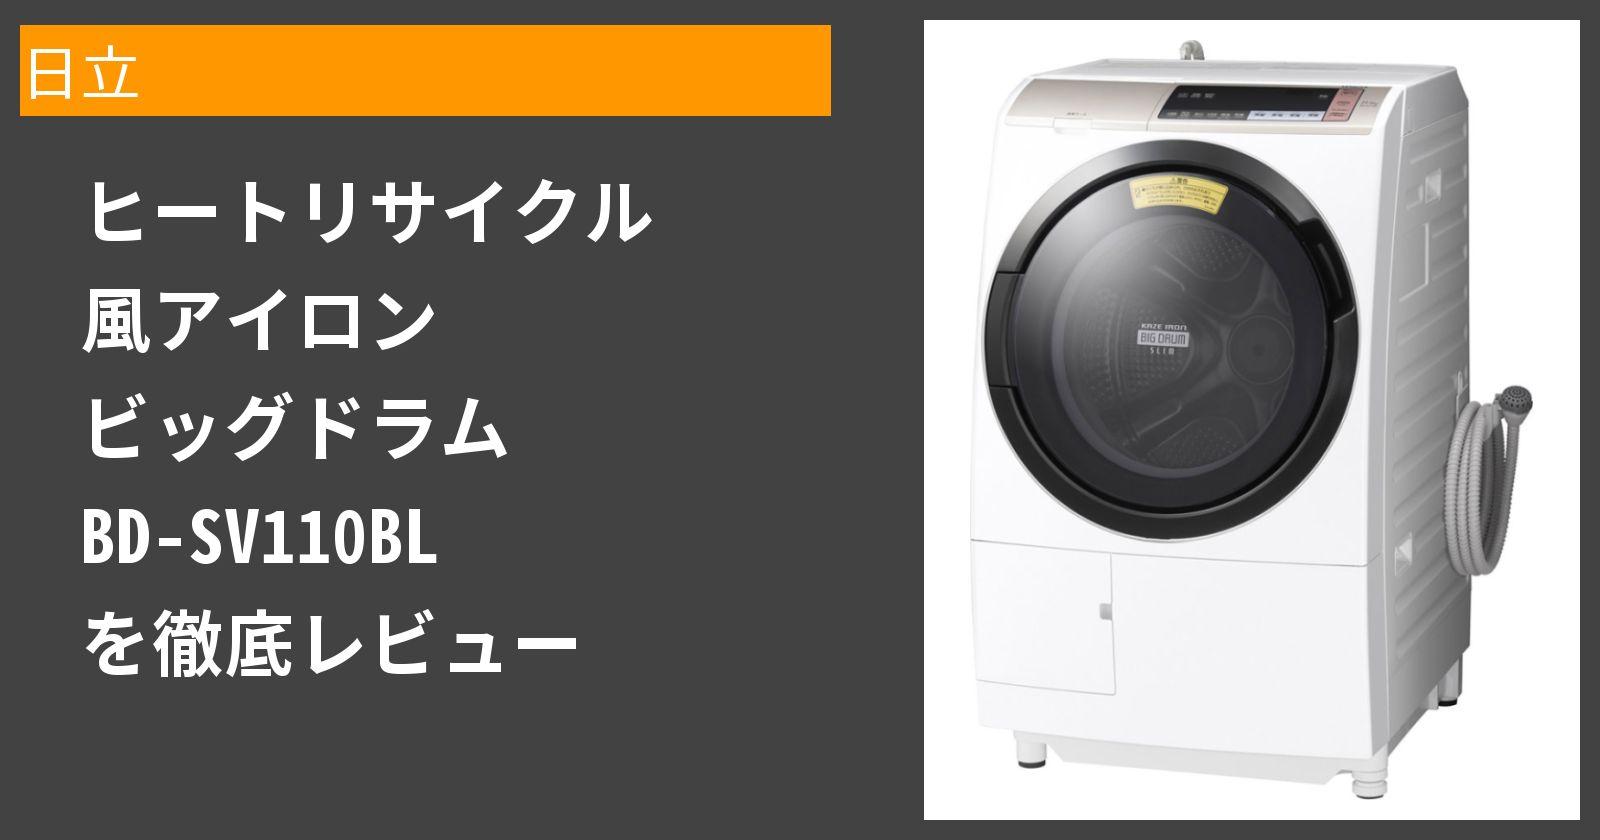 ヒートリサイクル 風アイロン ビッグドラム BD-SV110BLを徹底評価